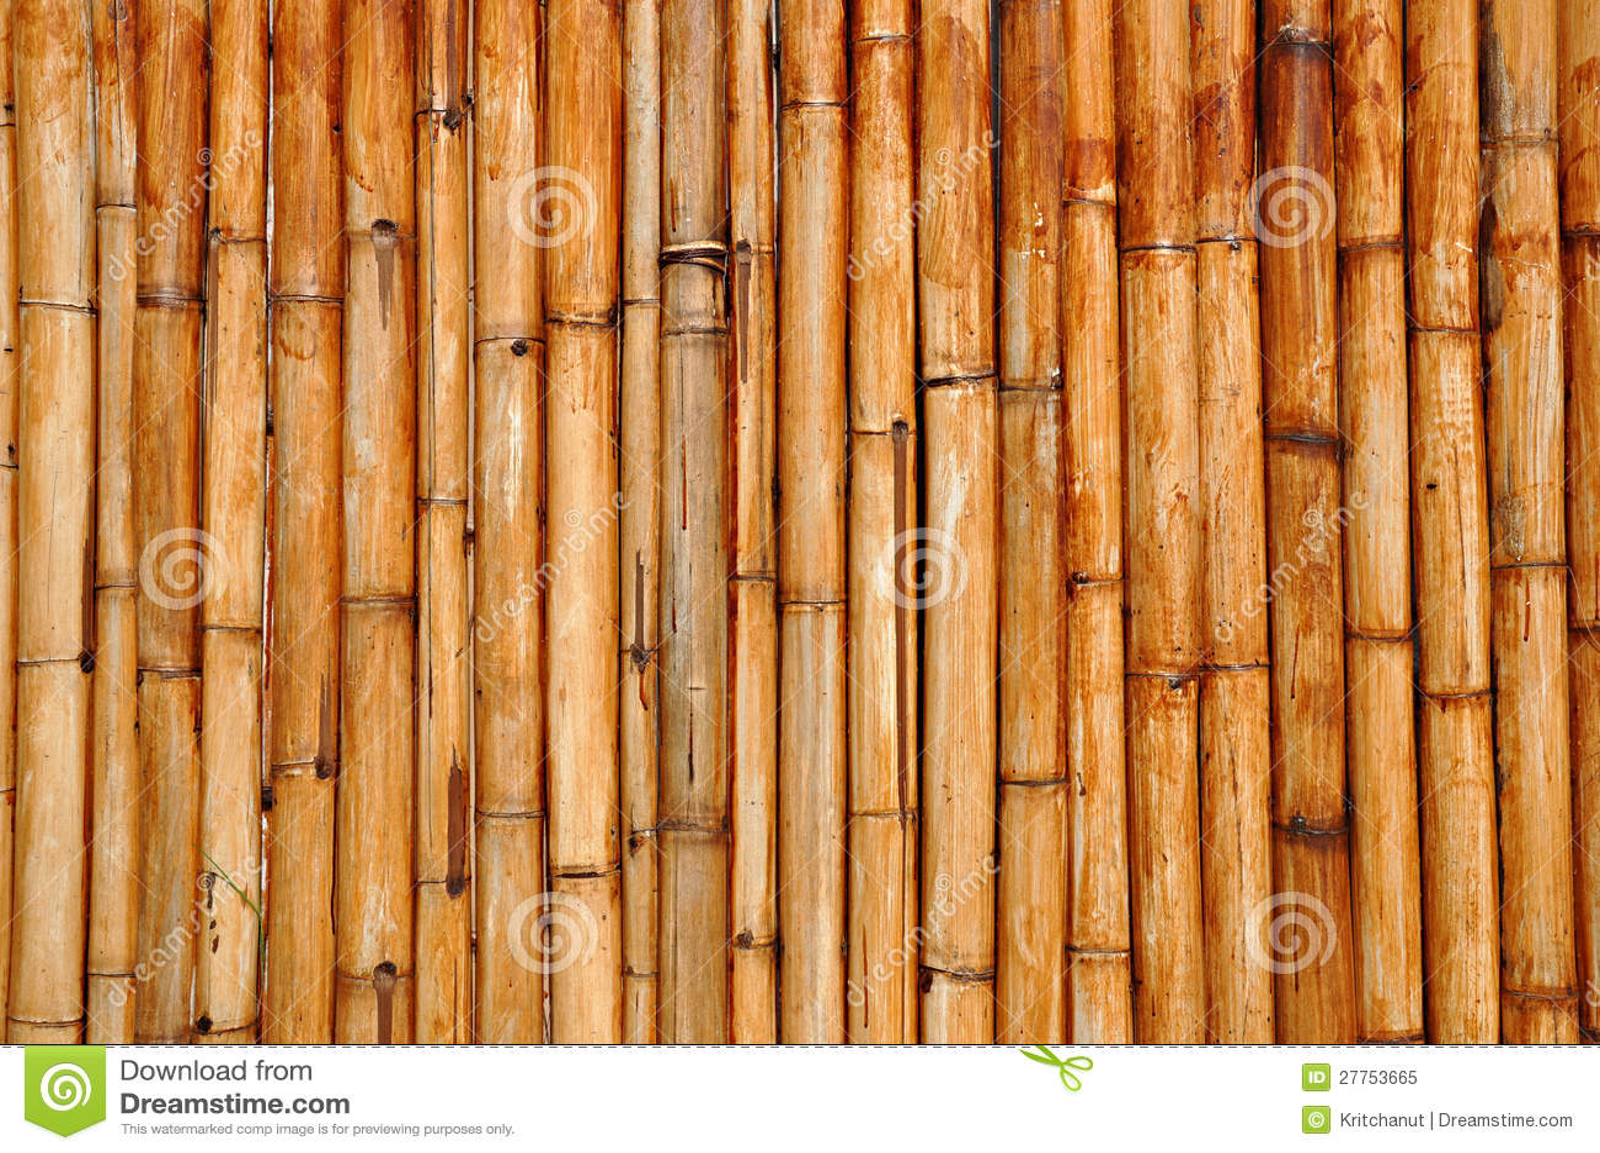 Bâtons en bambou secs